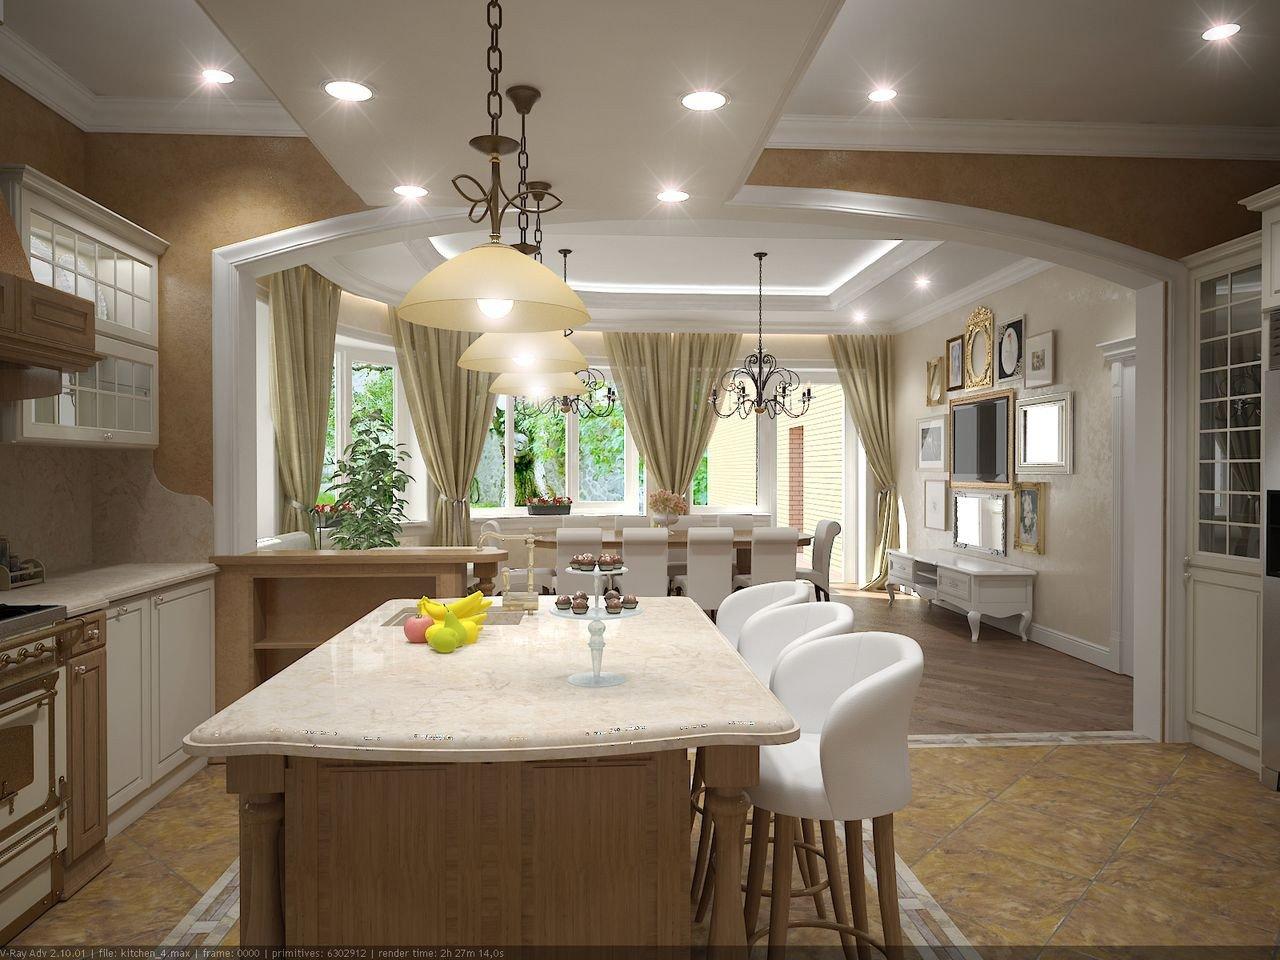 совет кухни картинки дизайн интерьера для частного дома бюджетный квартиру